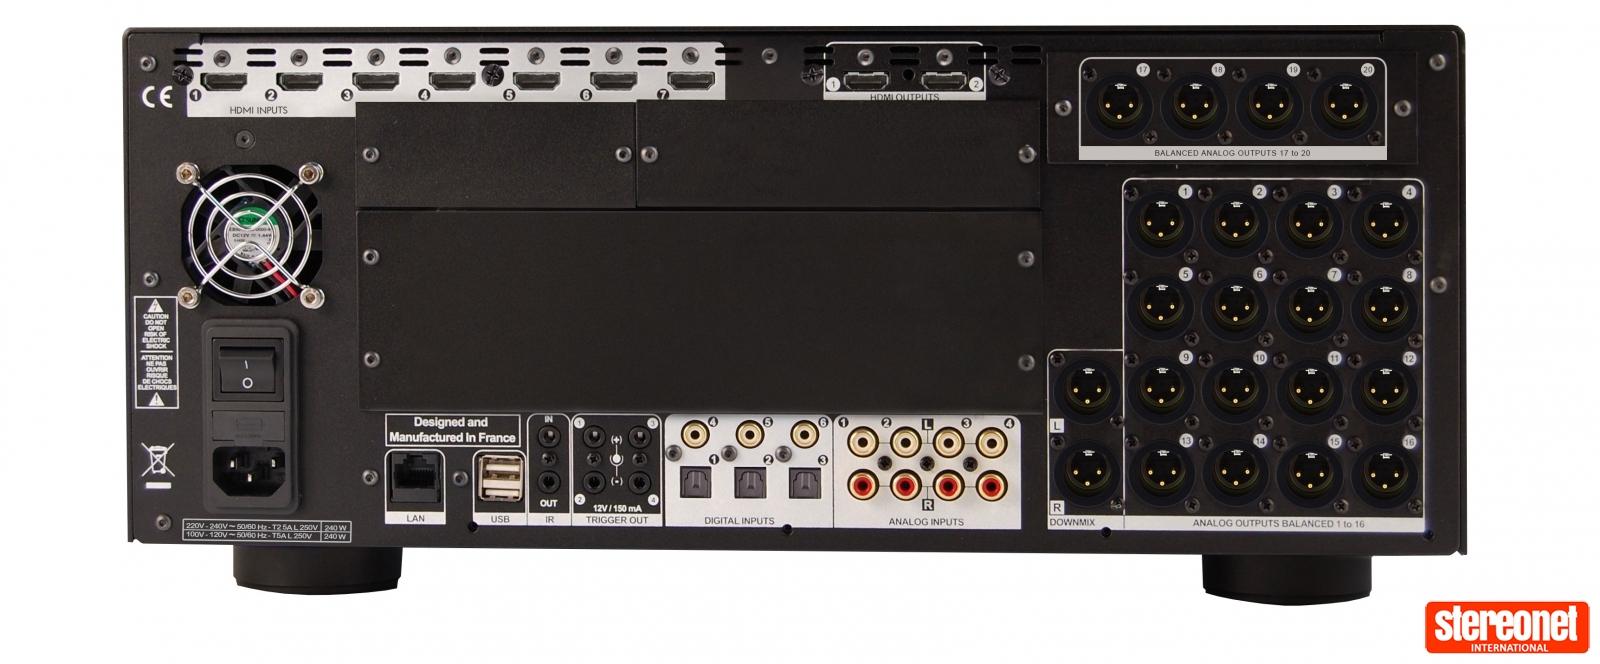 StormAudio ISP 3D.20 ELITE Processor Rear